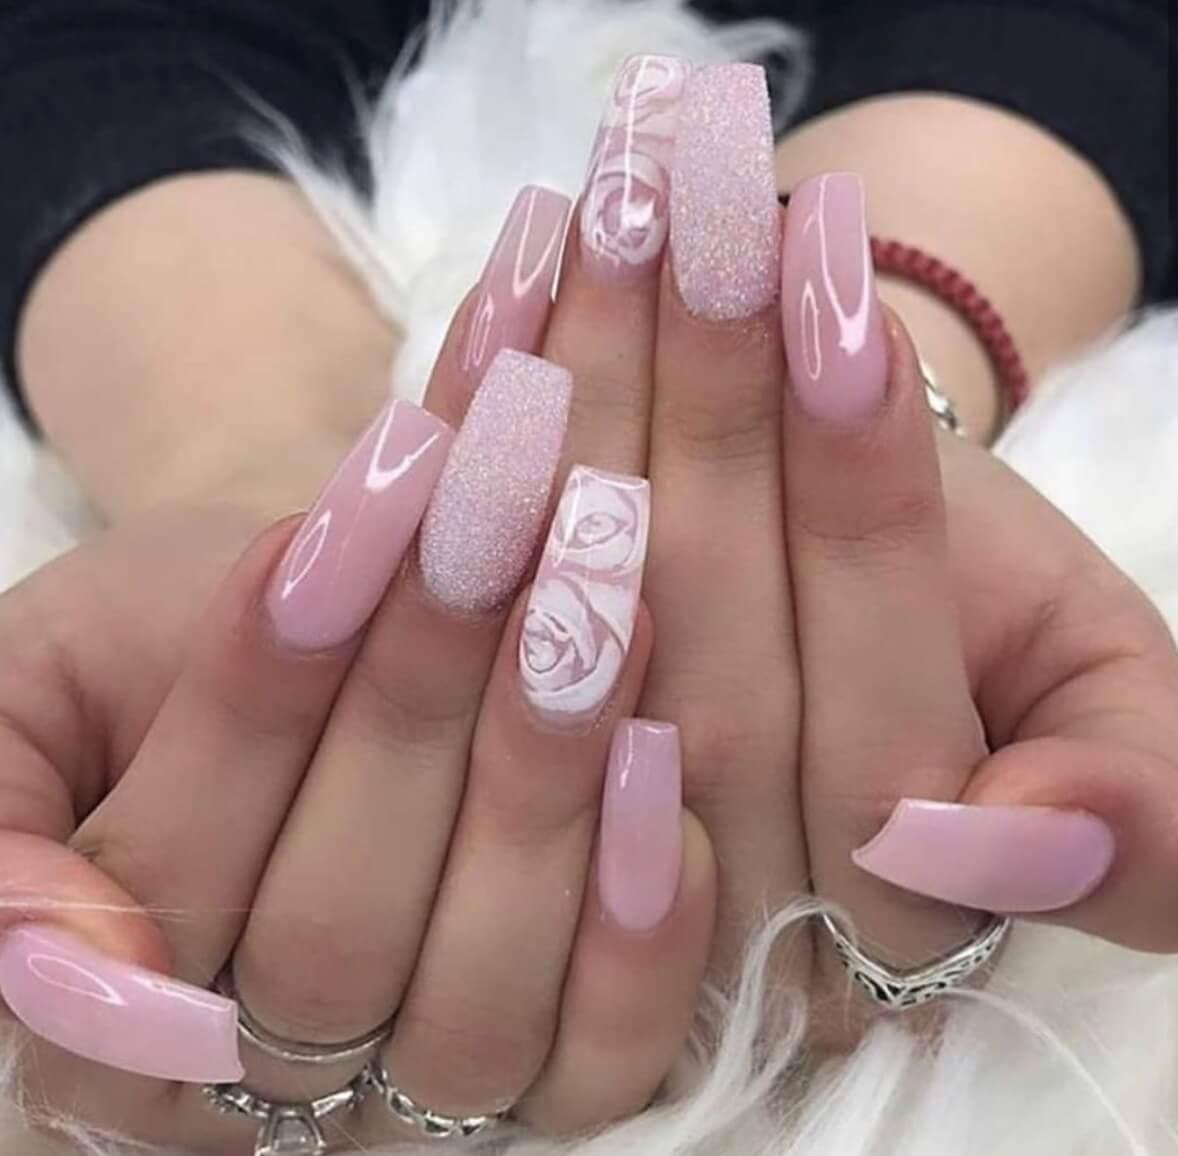 unghie gel nail art invernali 2019 2020-instagram 08